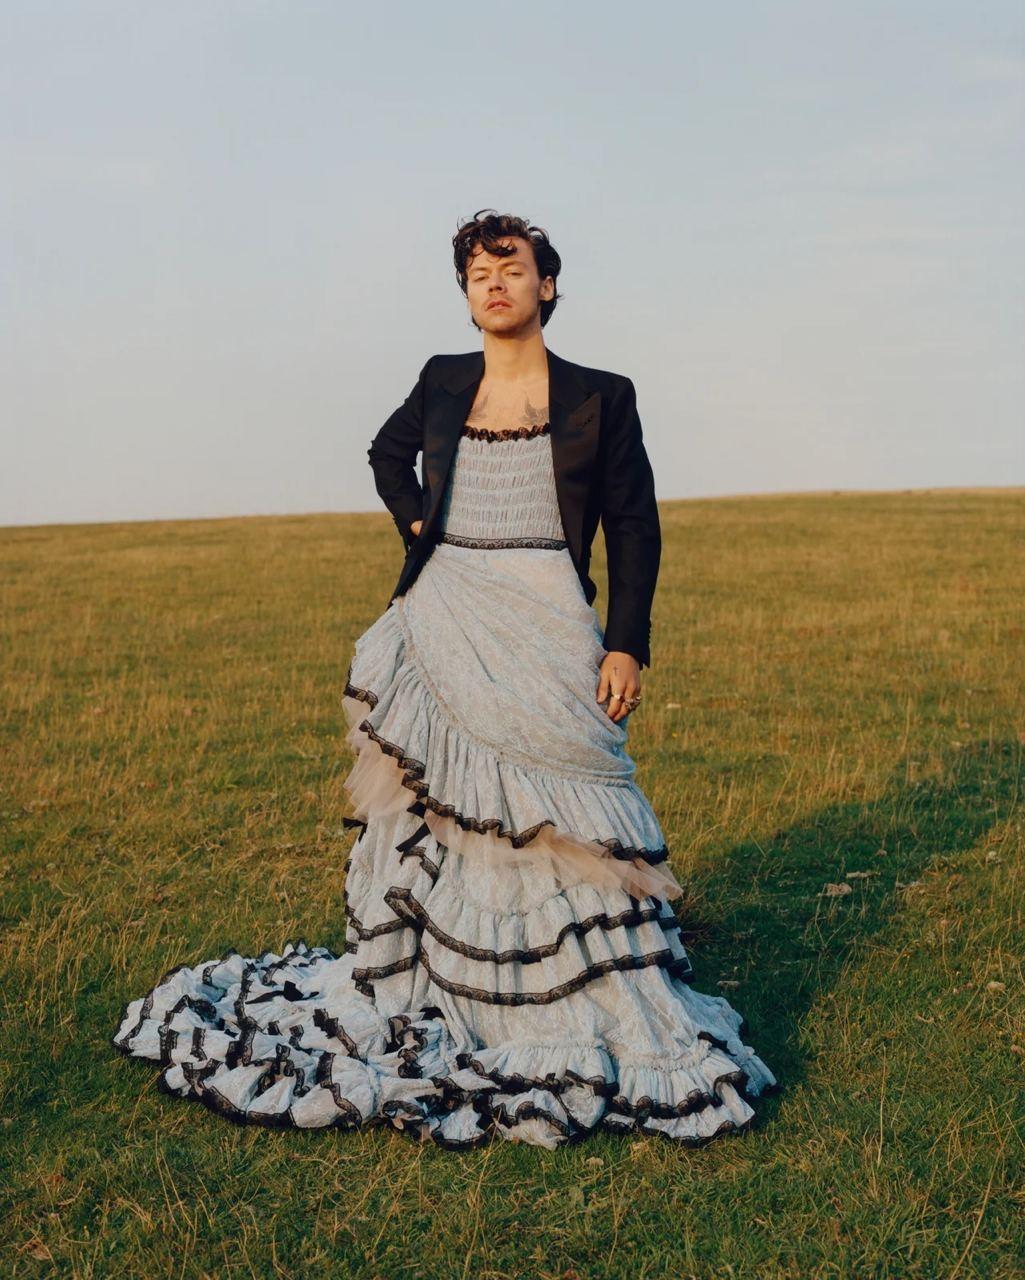 Гарри Стайлс примерил кружевные платья и юбки Gucci для американского Vogue (ФОТО) - фото №4